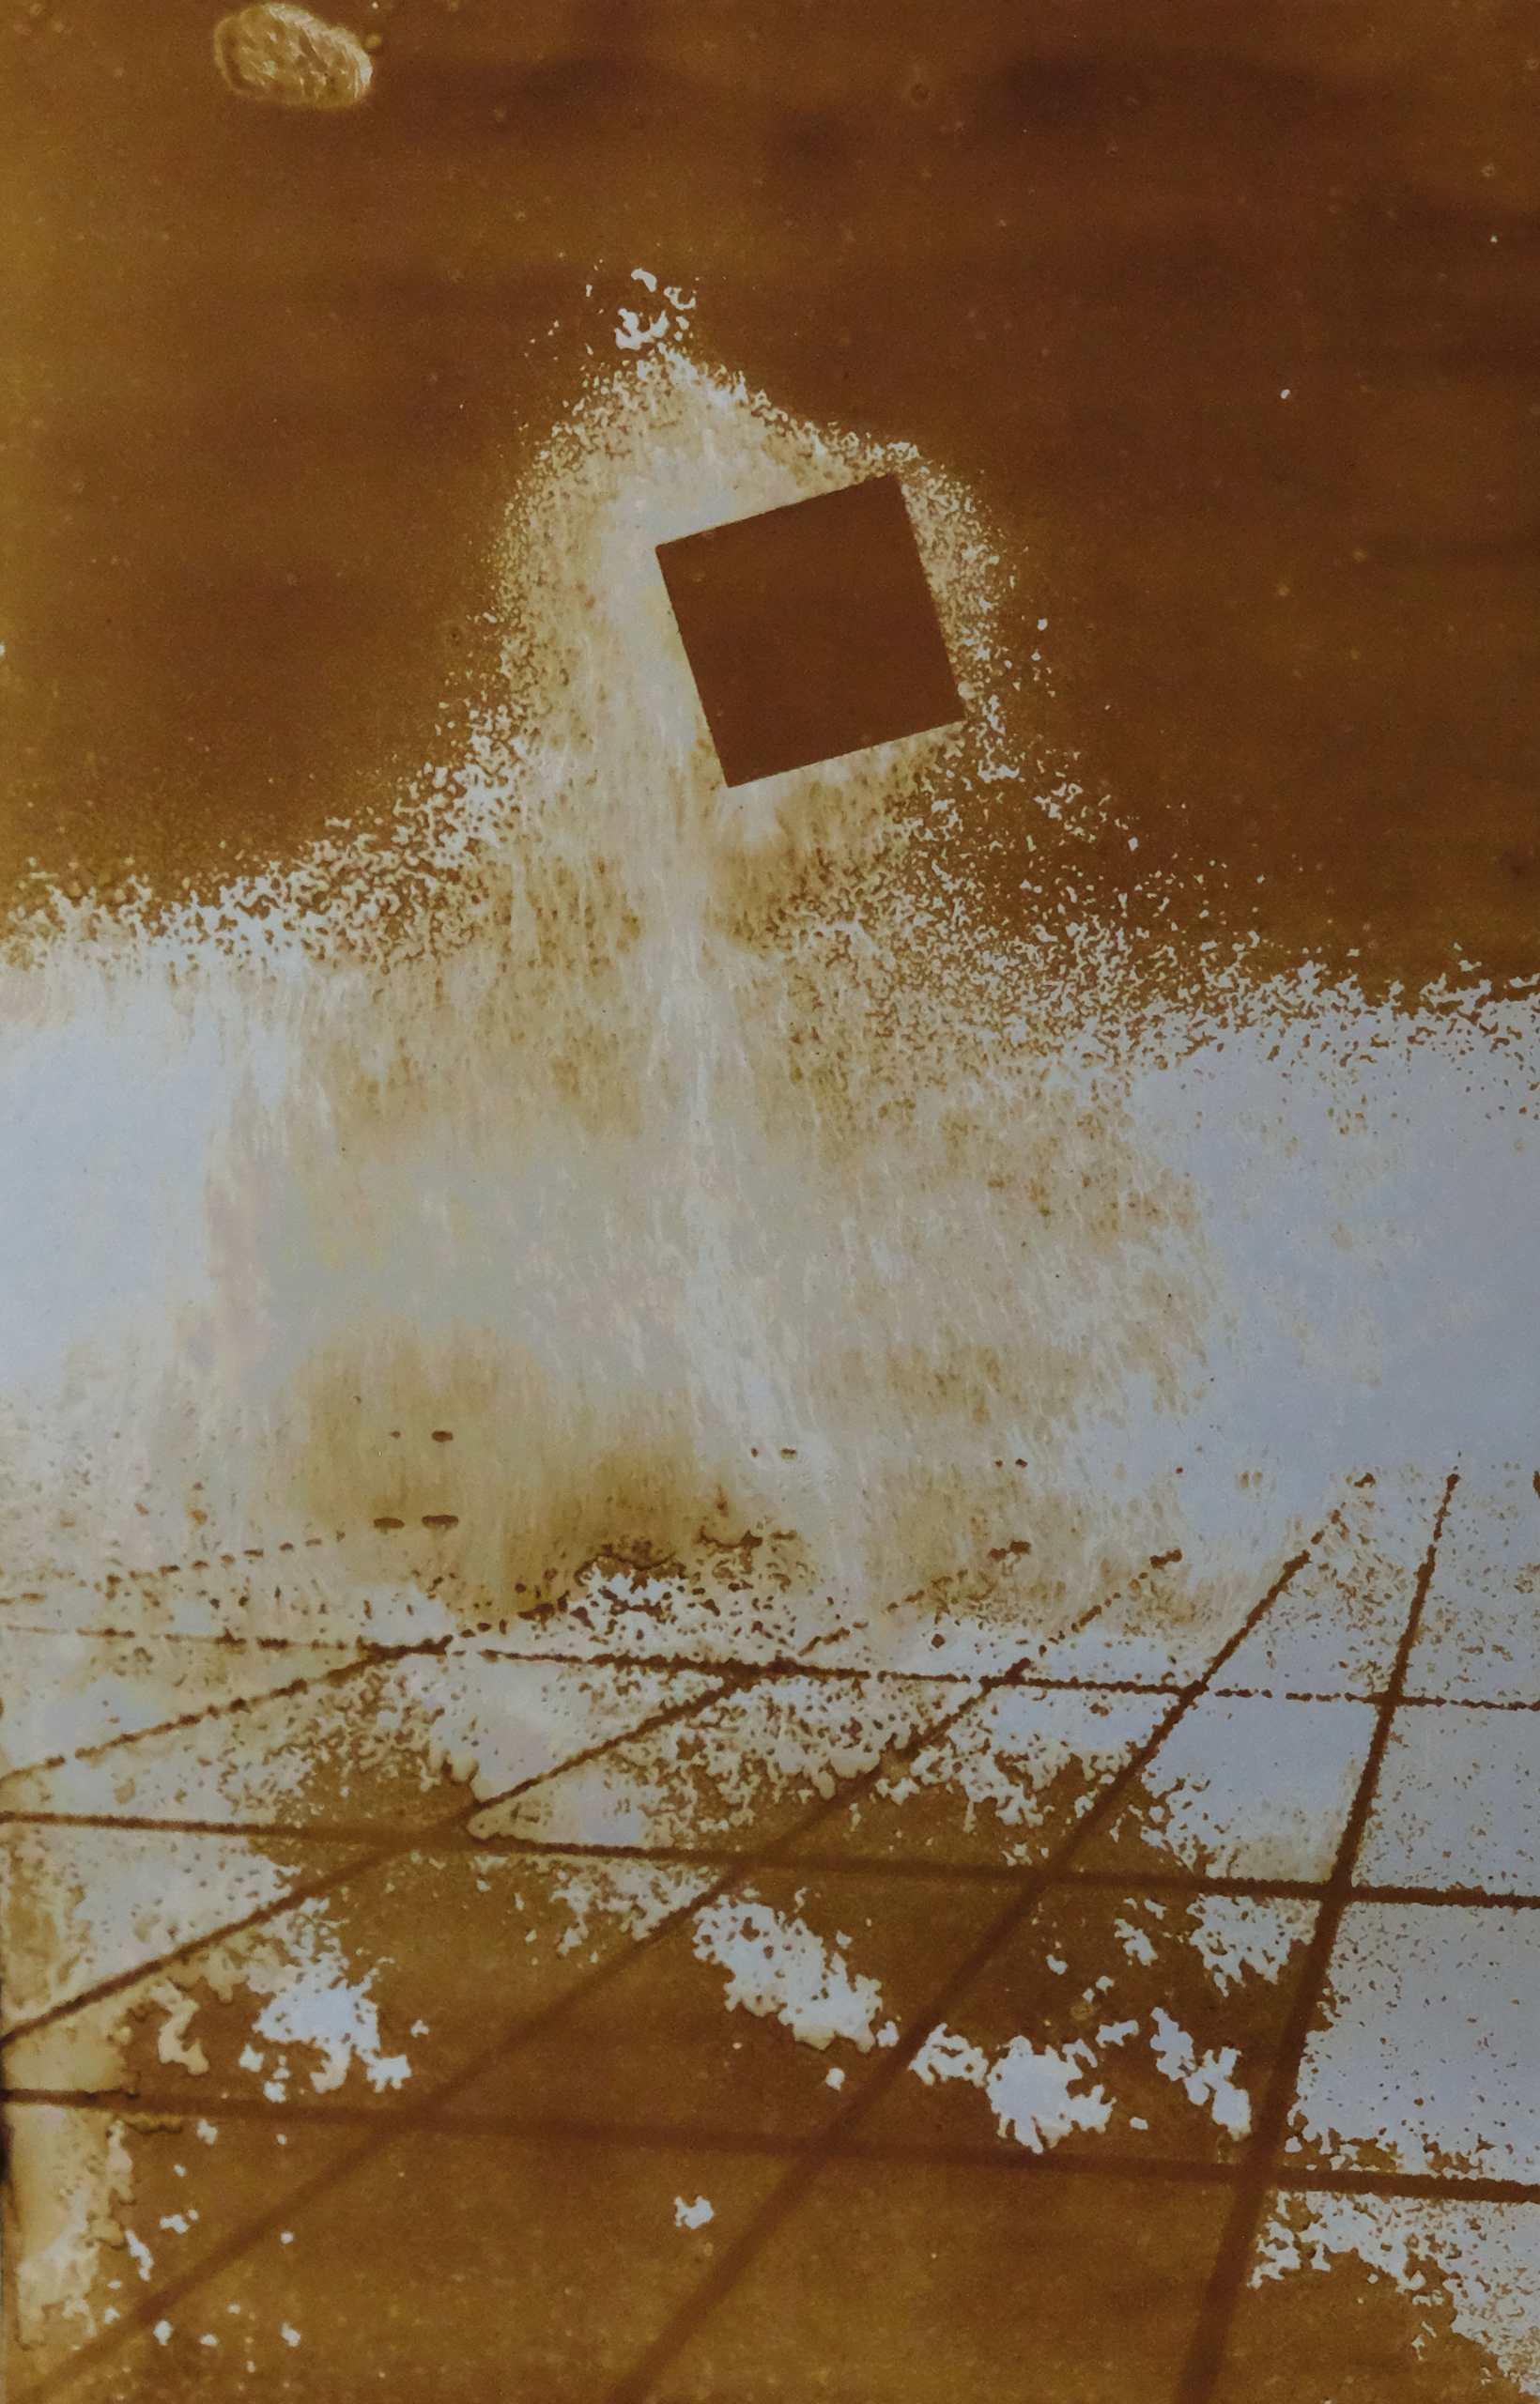 Heliographie Gravity 2 von Przemek Zajfert